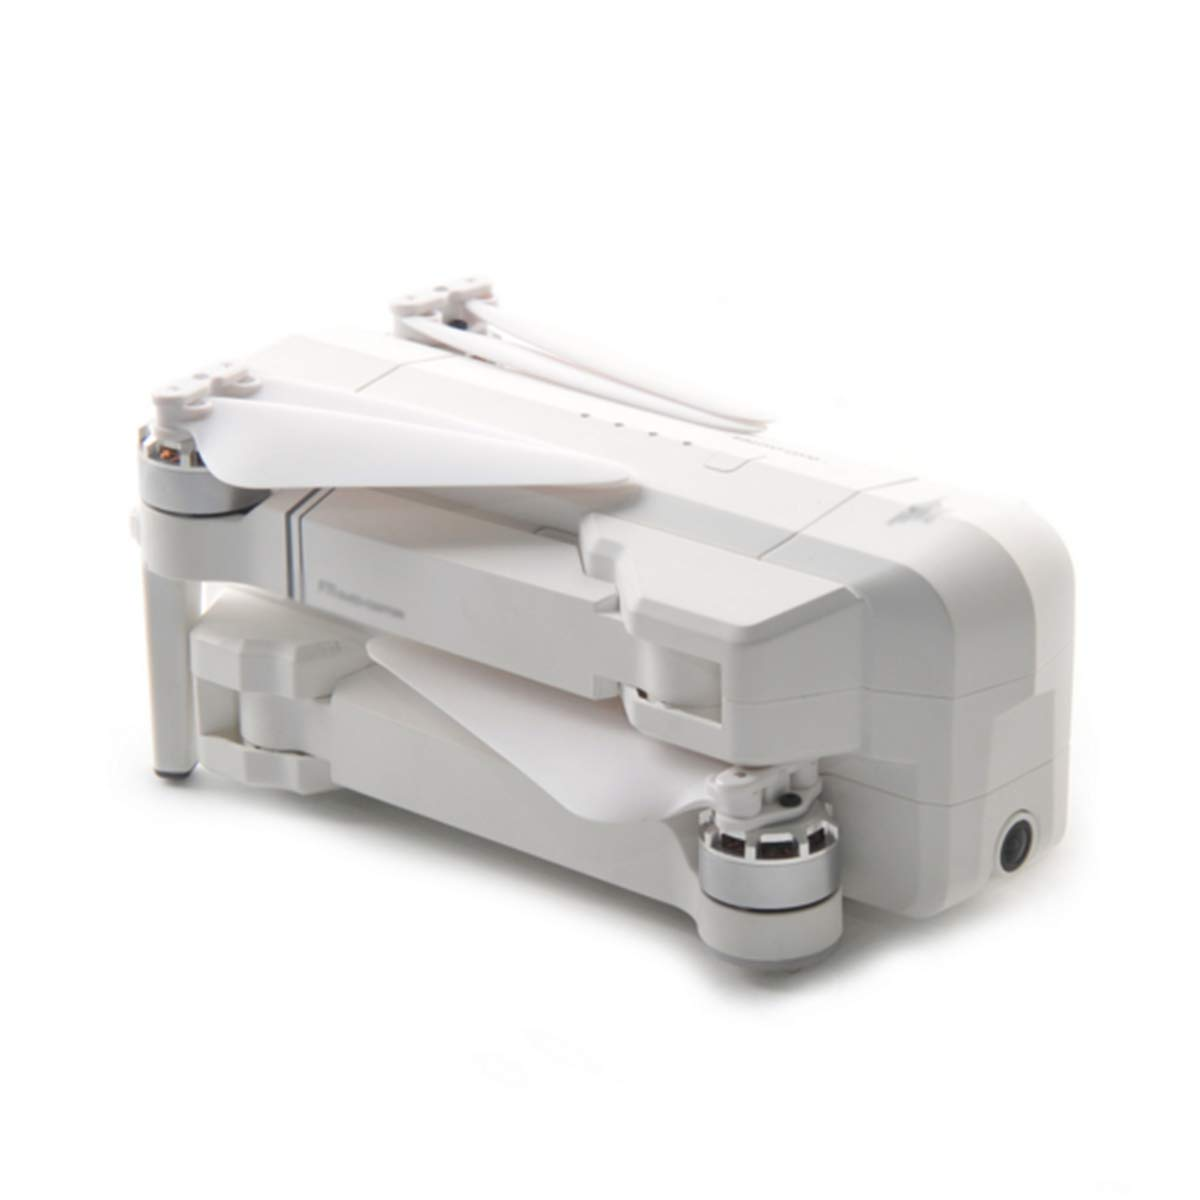 blanc 2K 500m Un drone aérien intelligent, une maintenance professionnelle par télécomhommede, et une batterie grand angle suivent l'altitude de la maison à quatre axes de l'avion GPS ajustable, me rend,blanc-battery